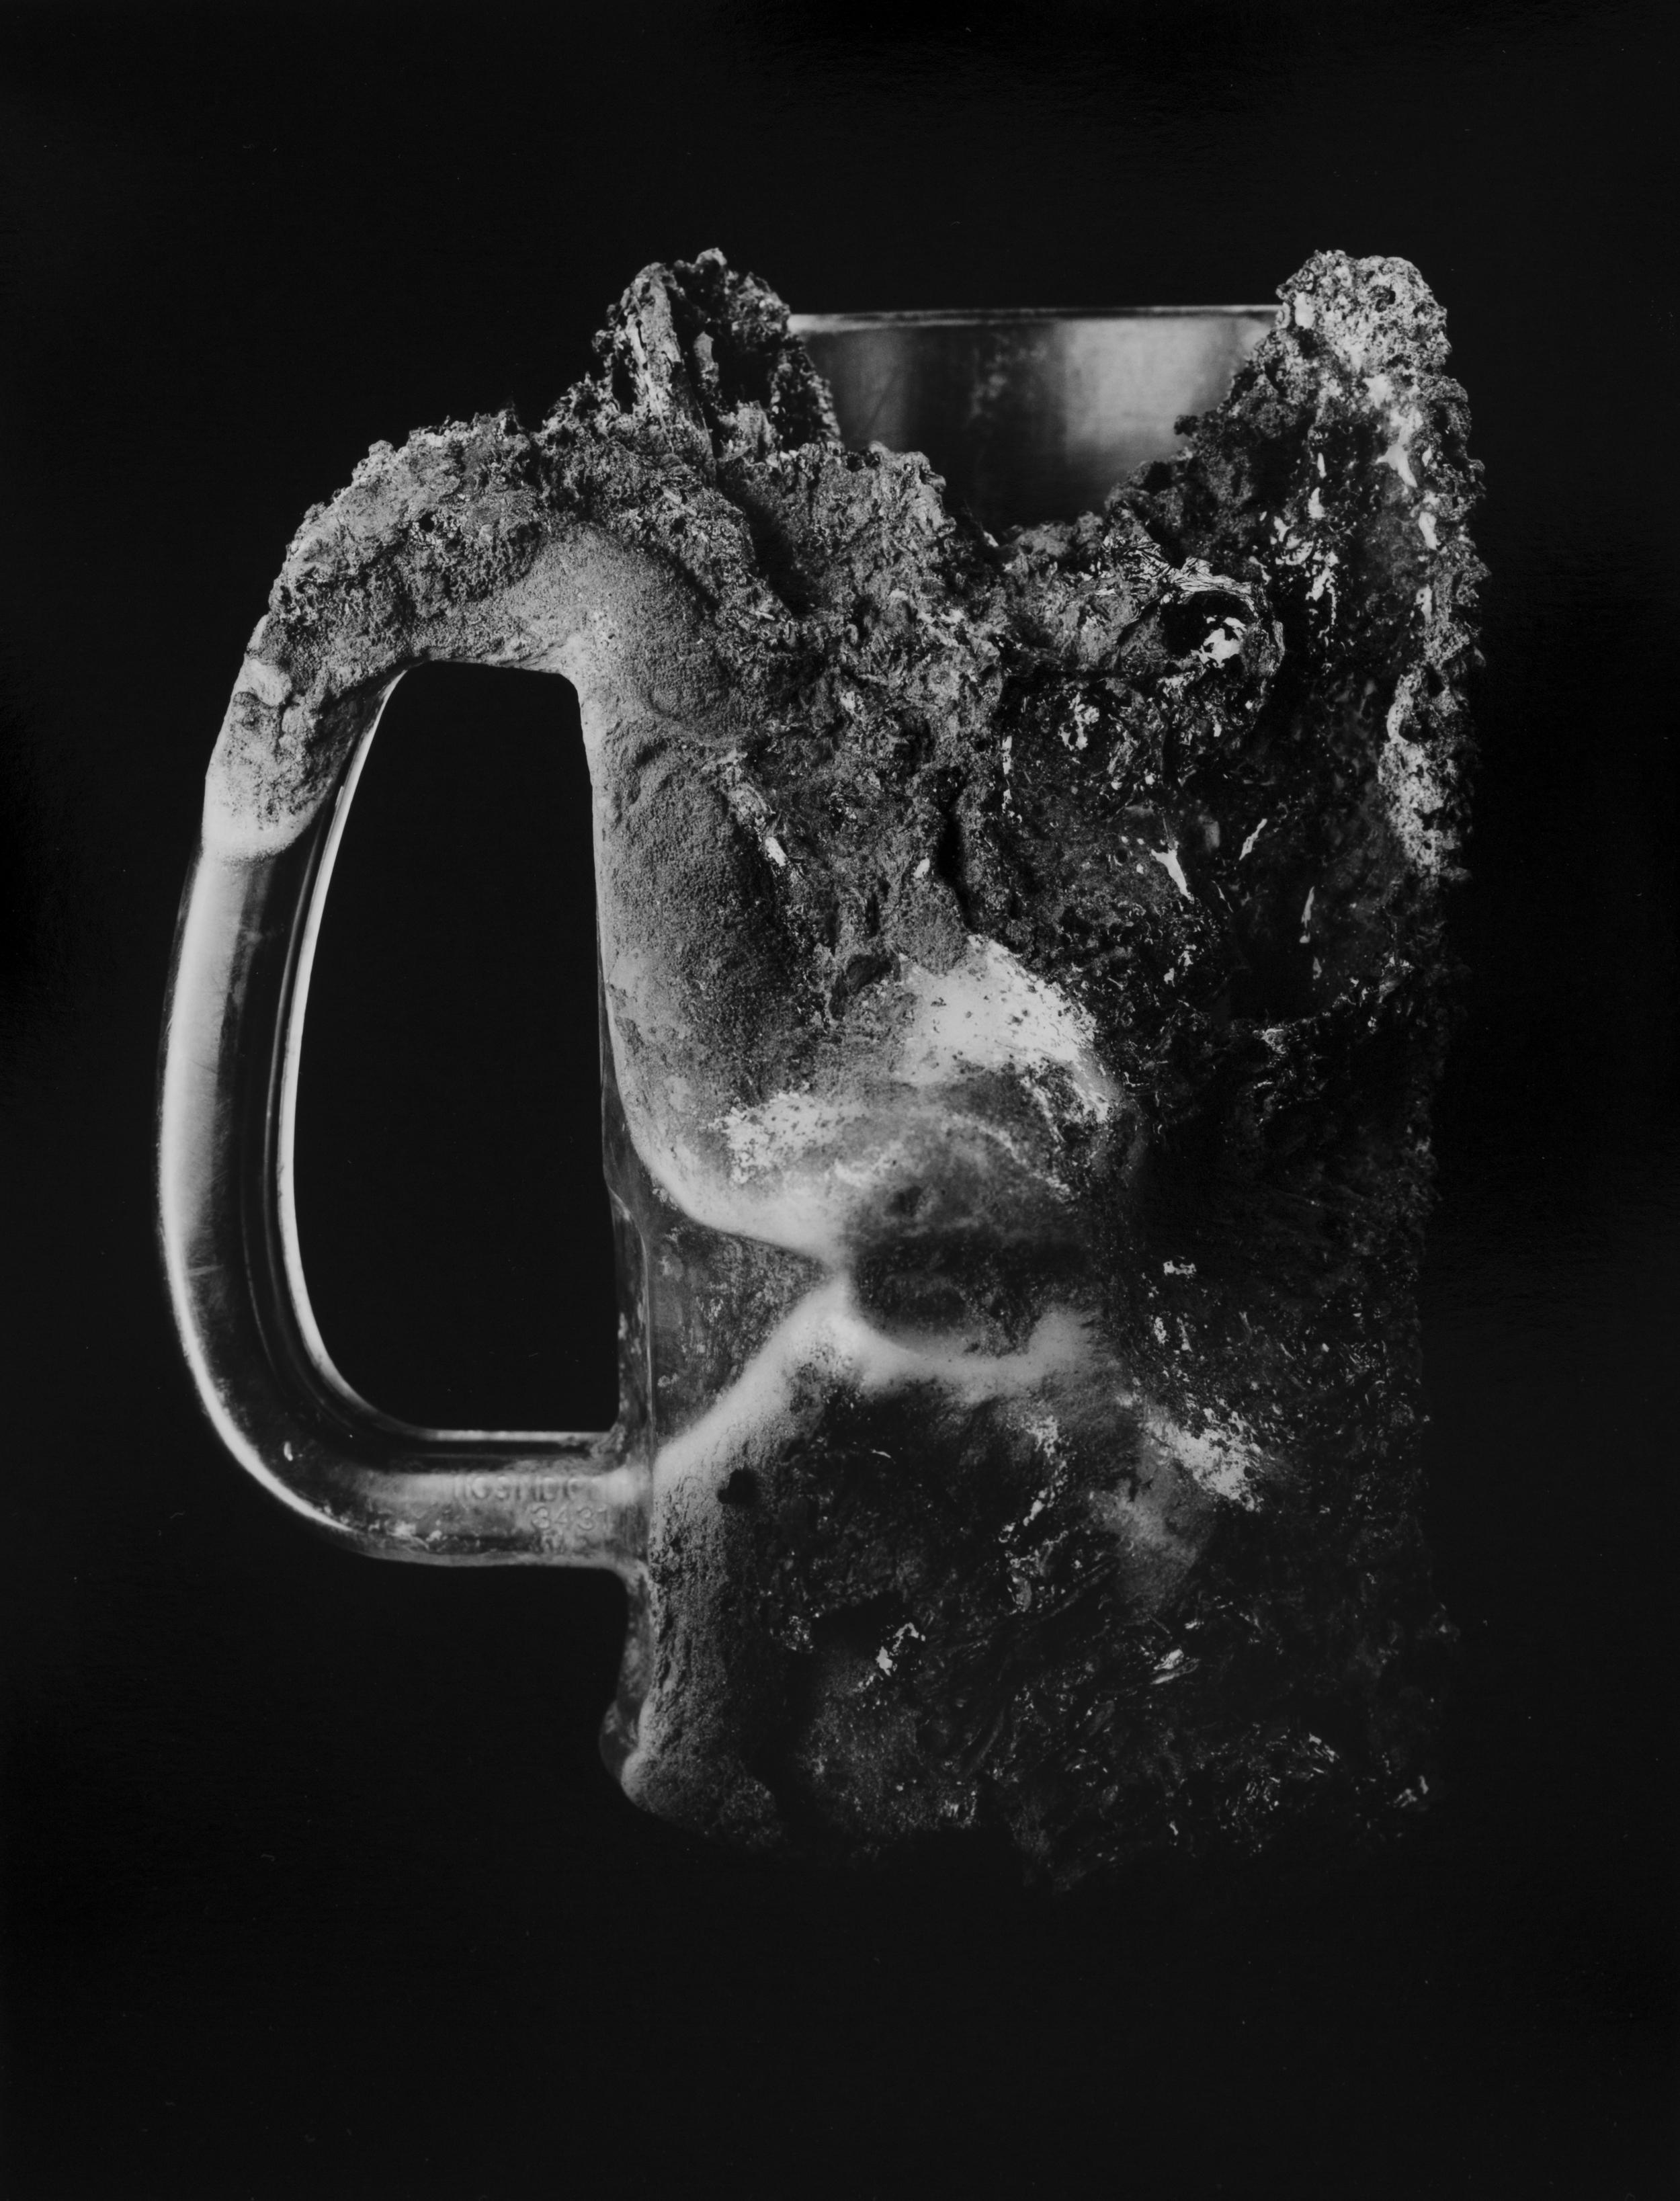 """Resurrected Form No.2, 13x10"""", Toned Silver Gelatin Print, 2014"""